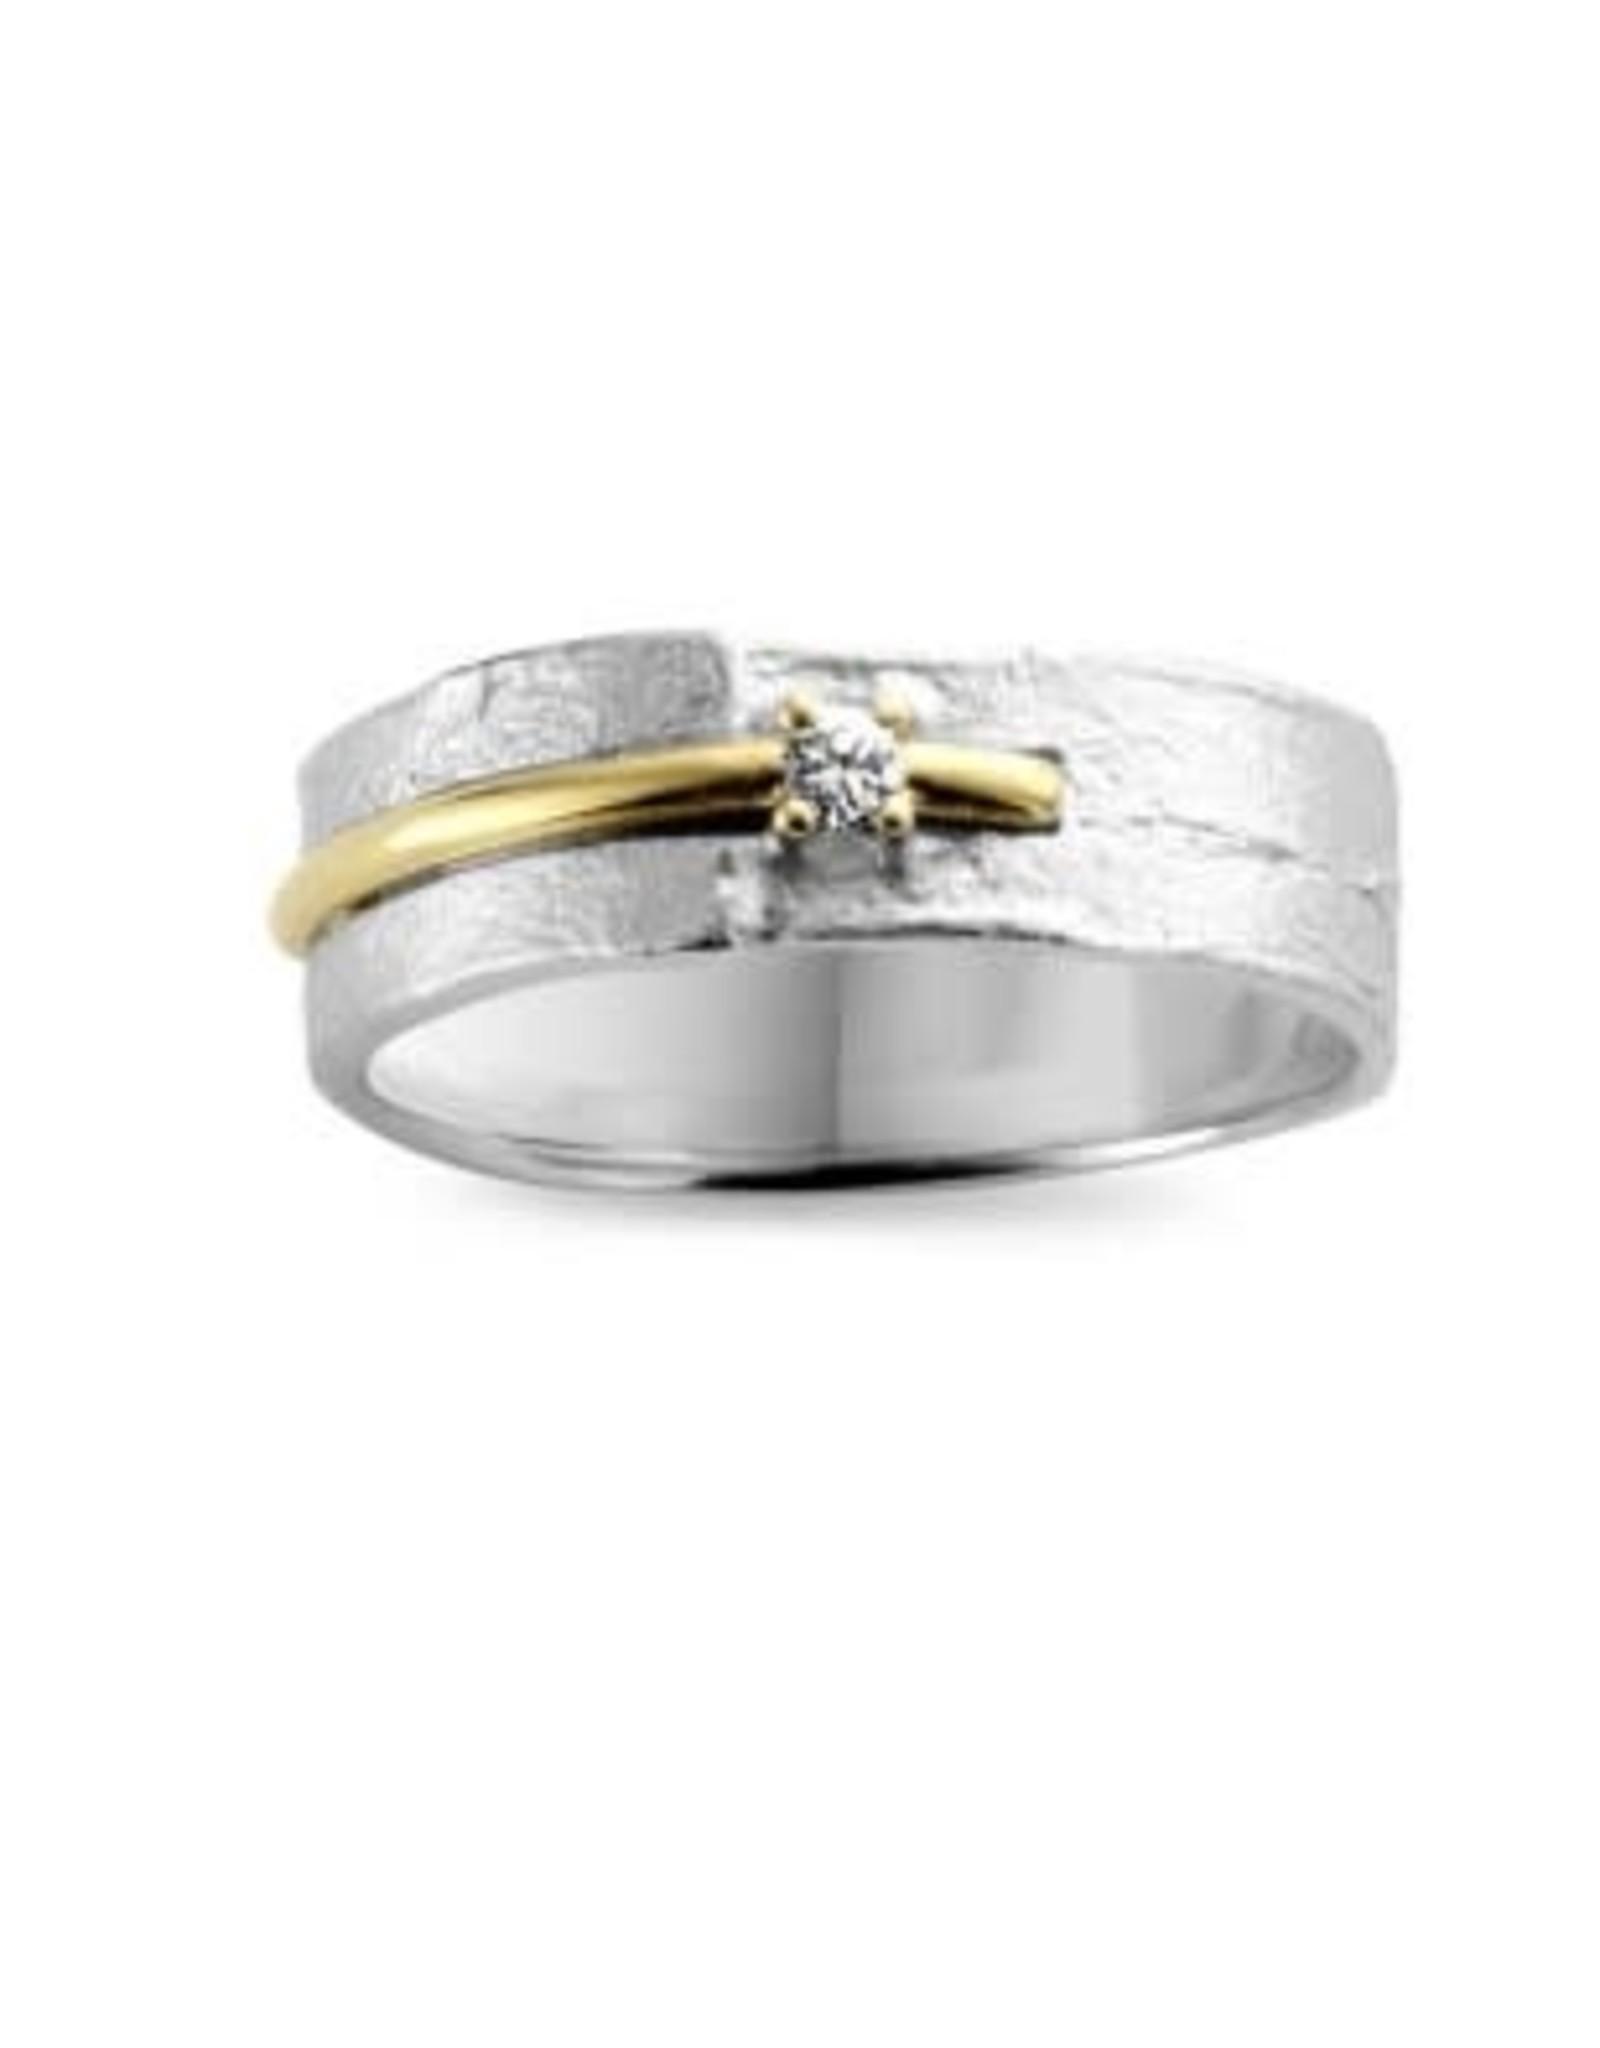 Ring Bicolor Geel/Wit Goud 18kt SR3204BB